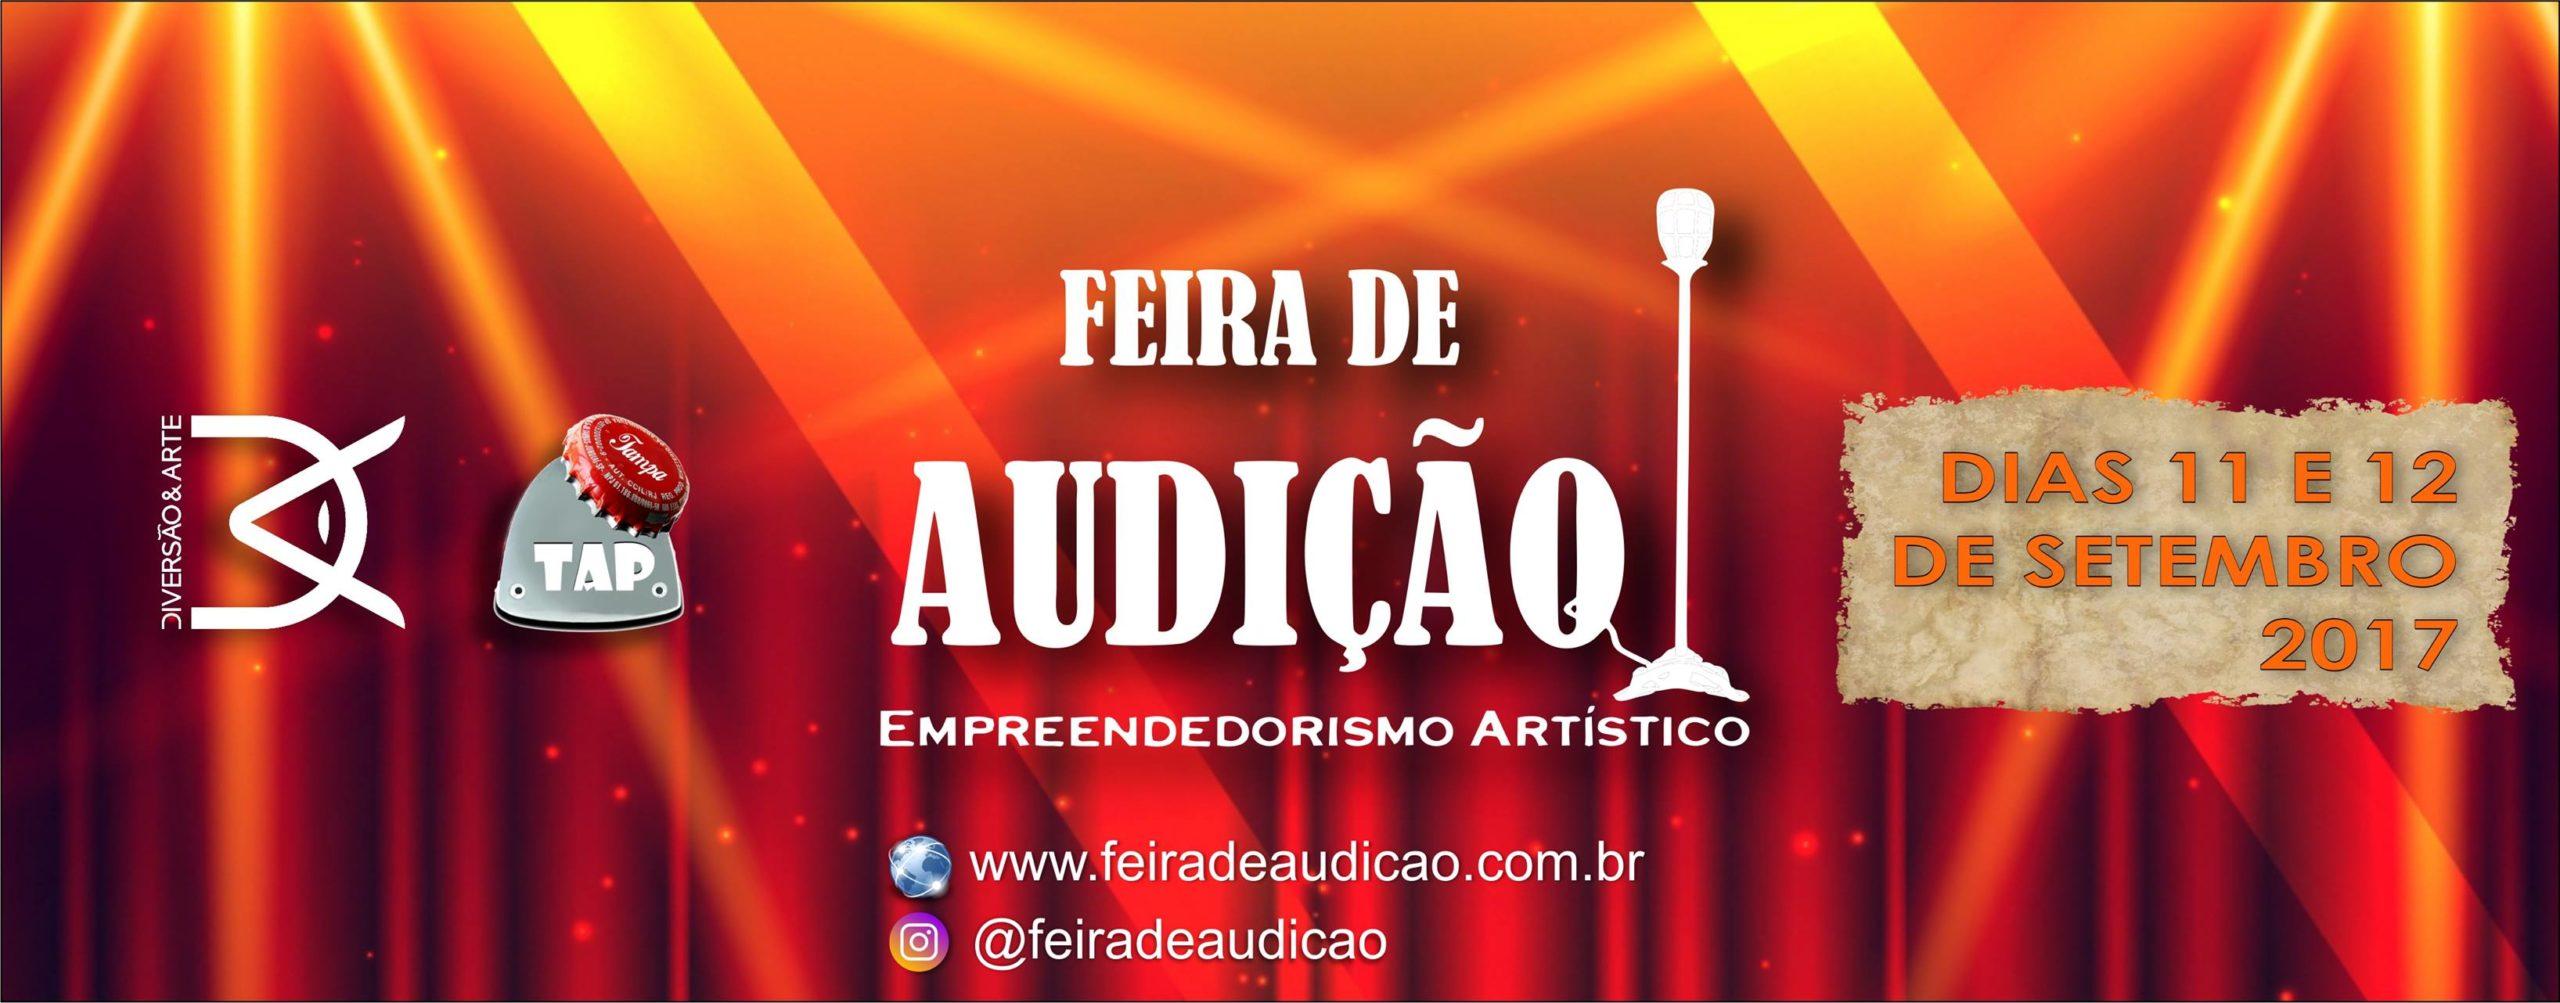 Photo of Segunda edição da Feira de Audição acontece em São Paulo